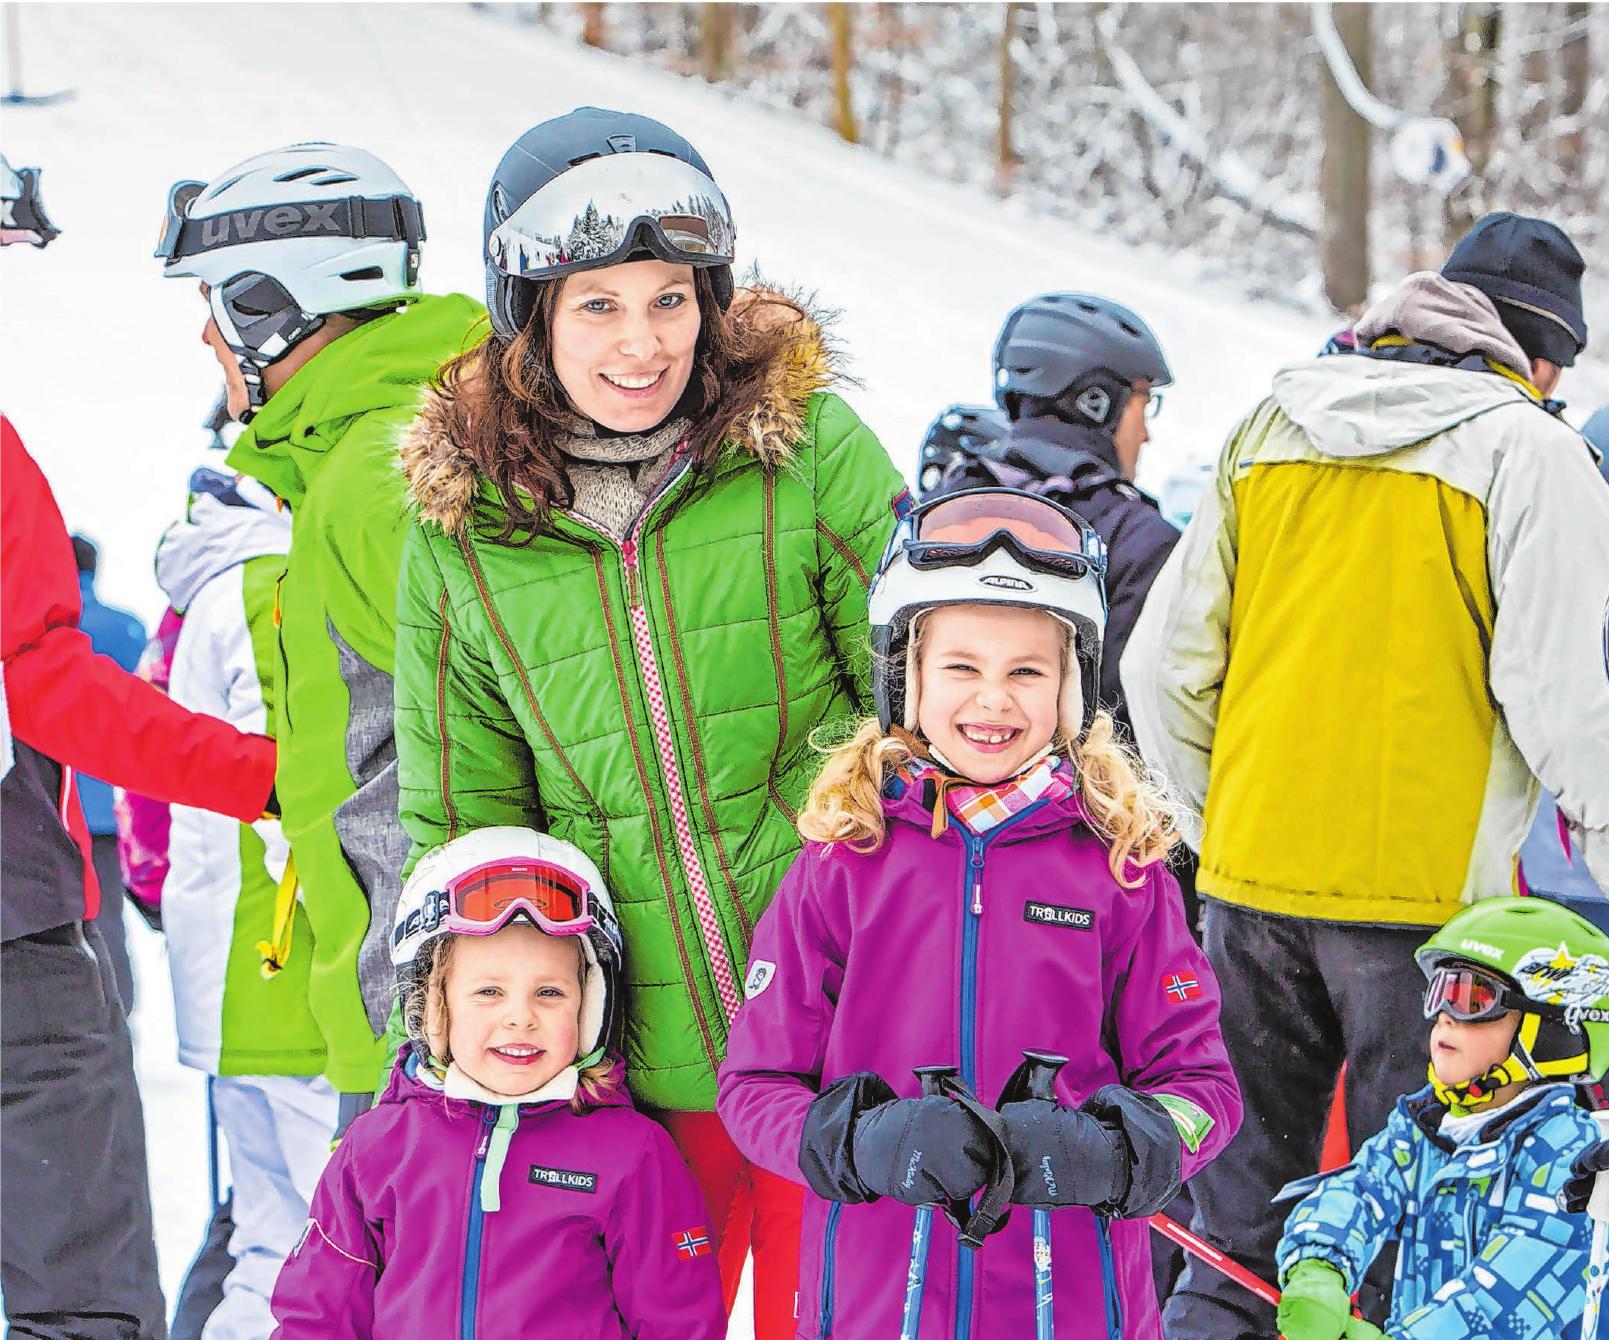 Für Wintersportler wird im Zollernalbkreis so einiges geboten. In Onstmettingen gibt es beispielsweise den Premium-Winterwanderweg Wintermärchen. Fotos: Zollernalb-Touristinfo